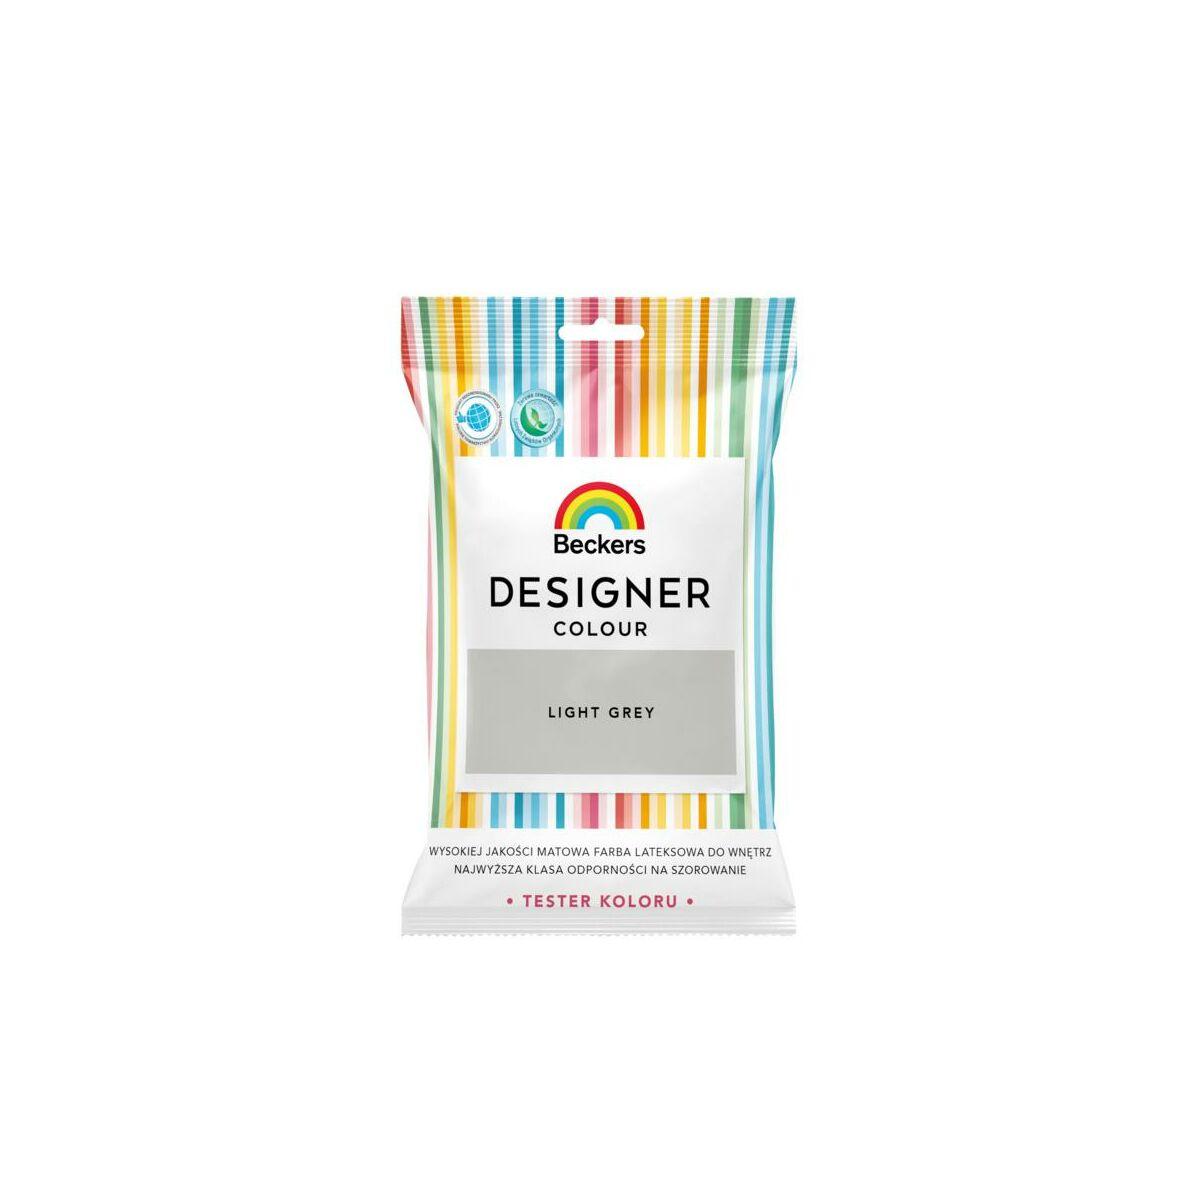 Tester Farby Designer Colour 50 Ml Light Grey Beckers Testery W Atrakcyjnej Cenie W Sklepach Leroy Merlin